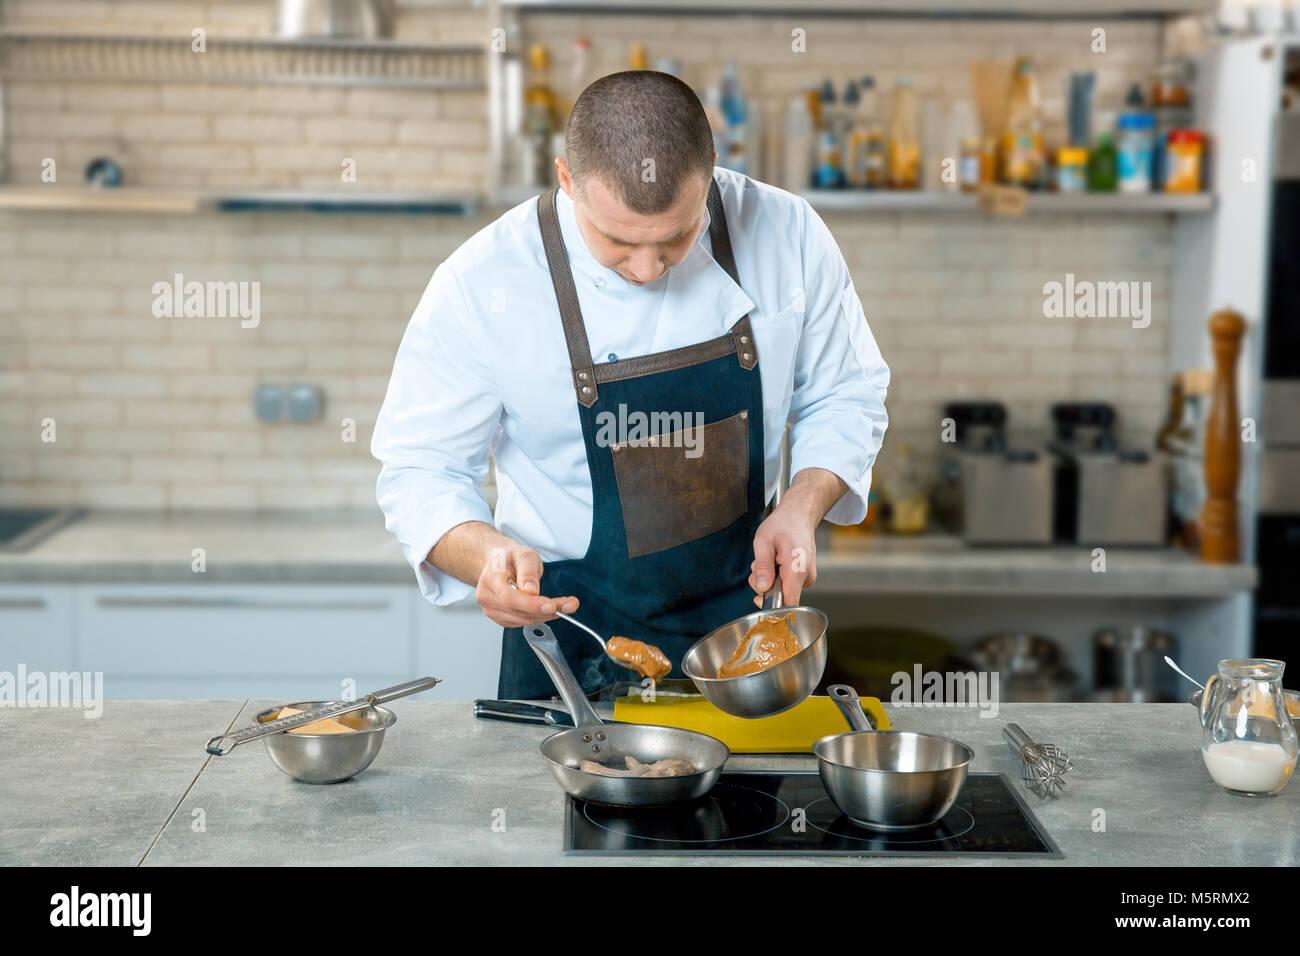 Chef vierte la salsa en una sartén. Cena y almuerzo de comida rápida restaurante bar. Interior de la cocina Imagen De Stock